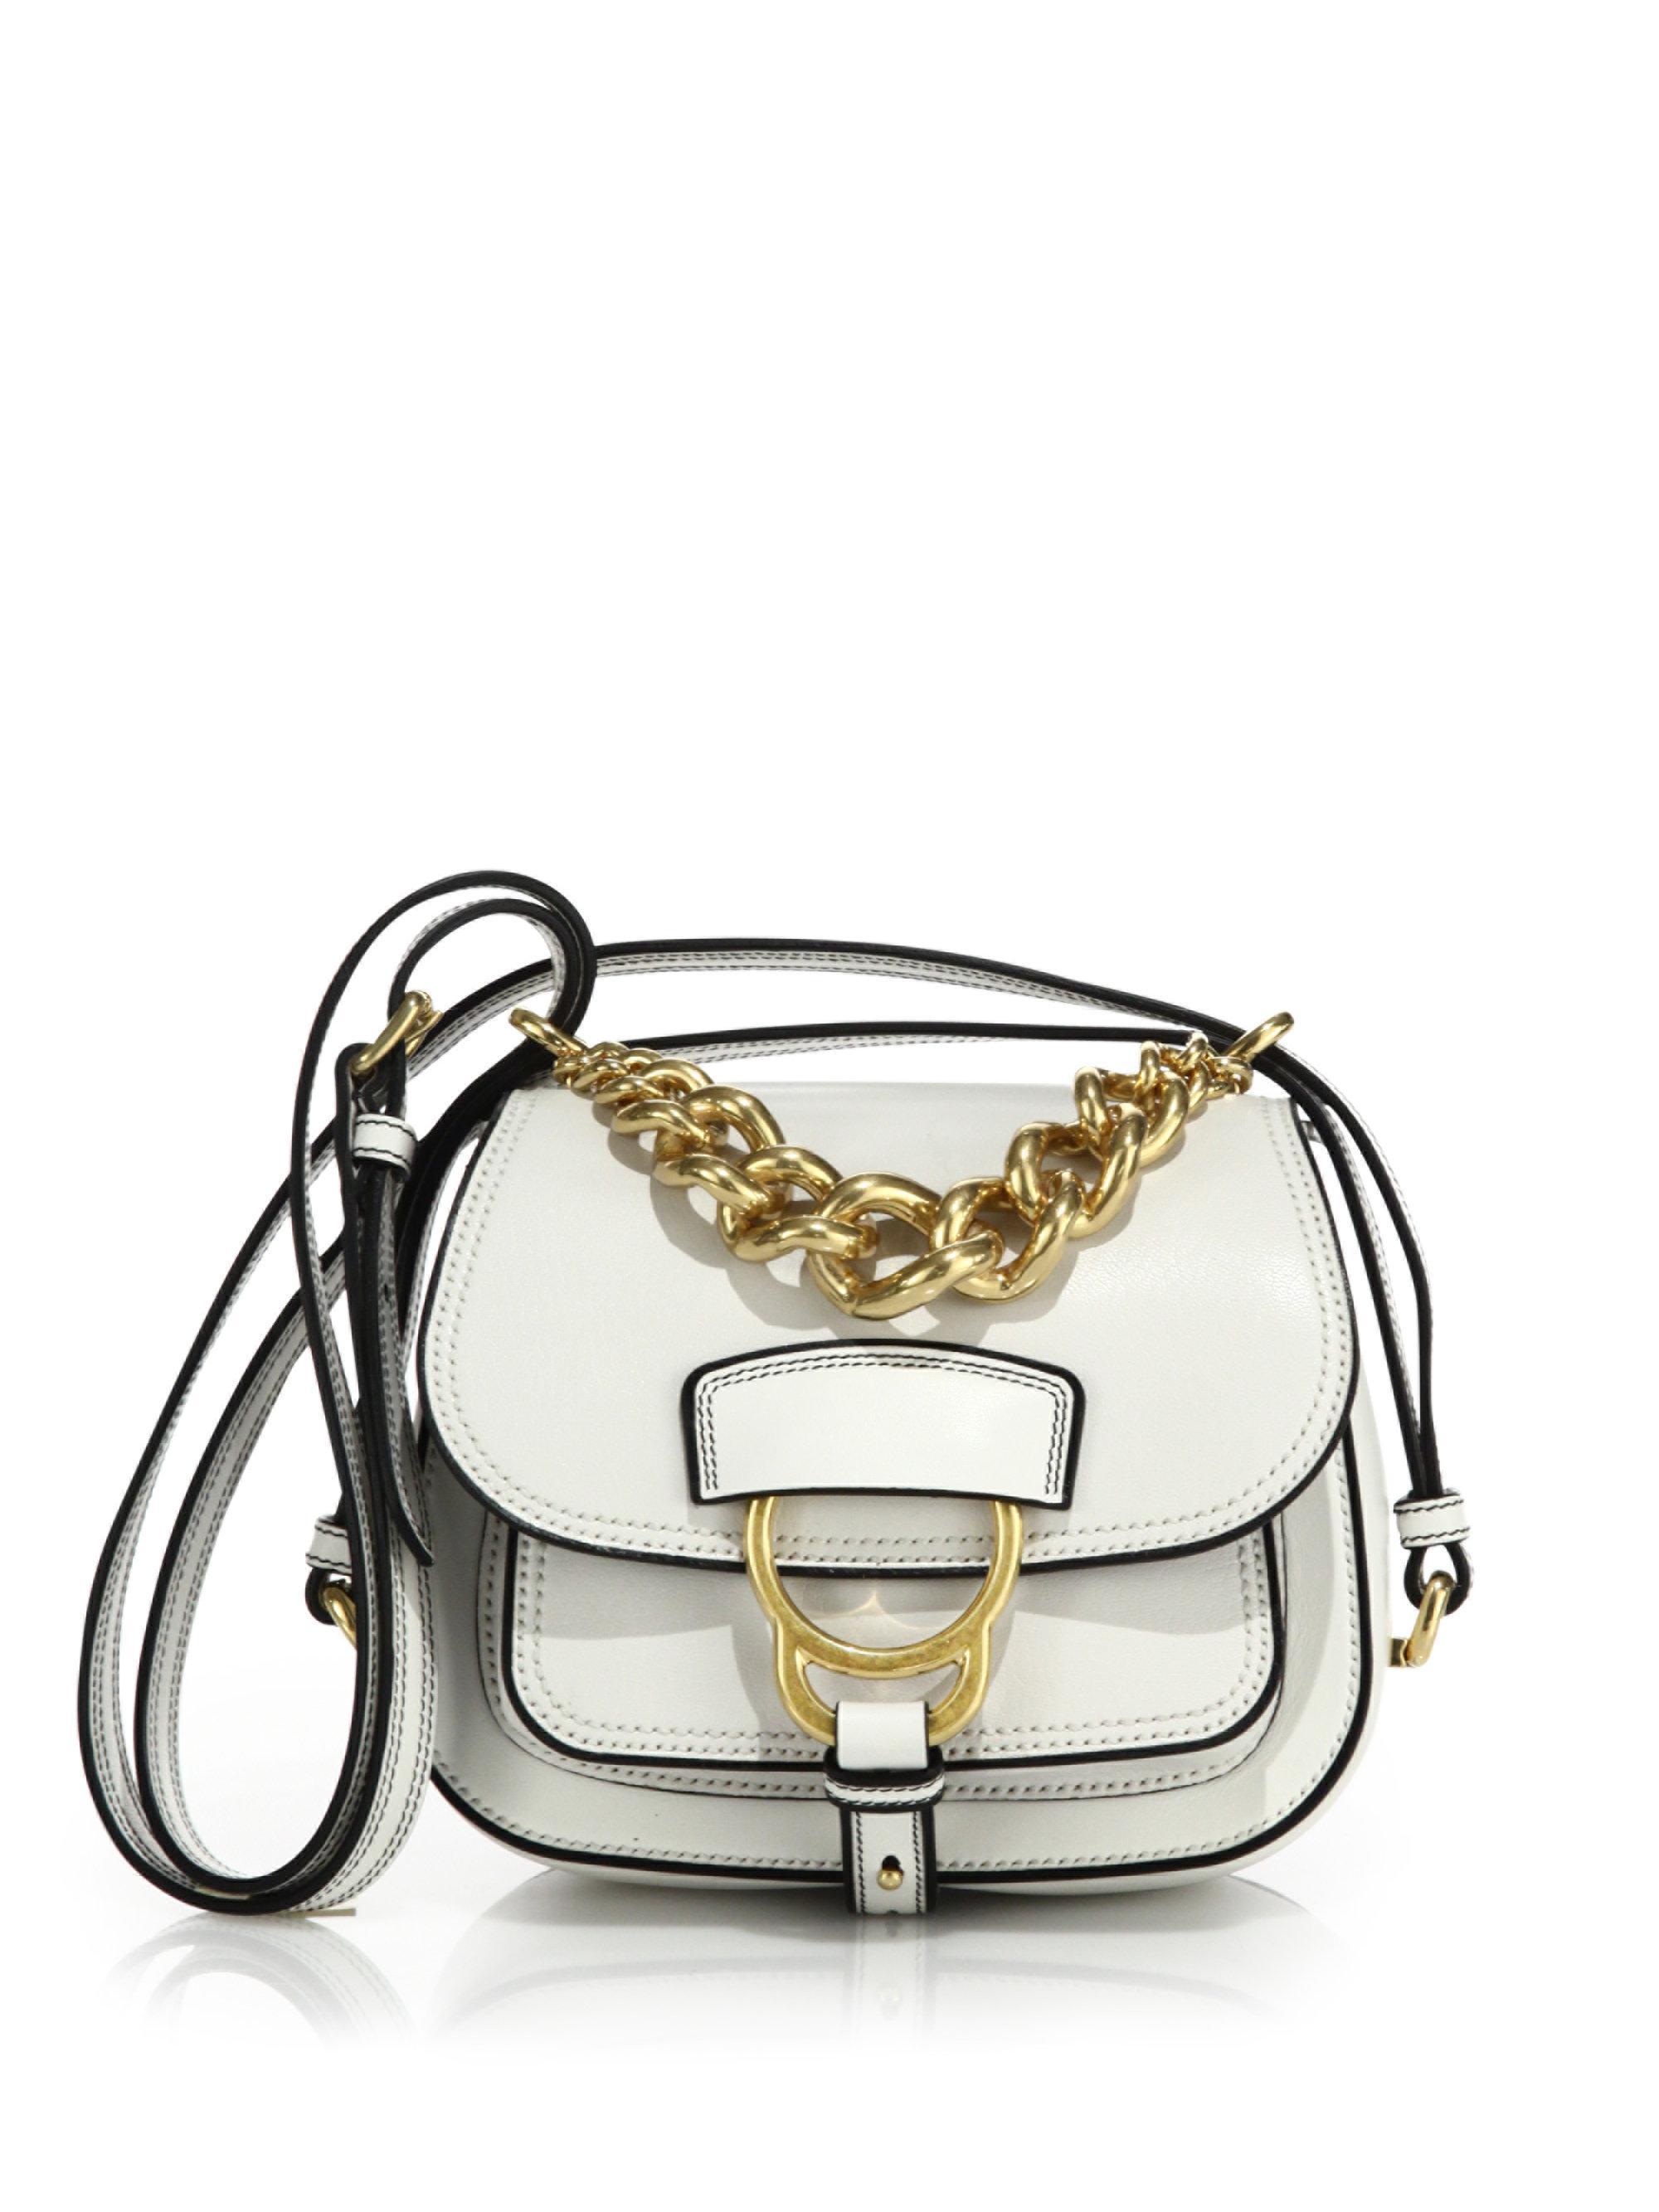 b1b5e3f11eba Miu Miu Dahlia Small Madras Leather Saddle Bag in White - Lyst